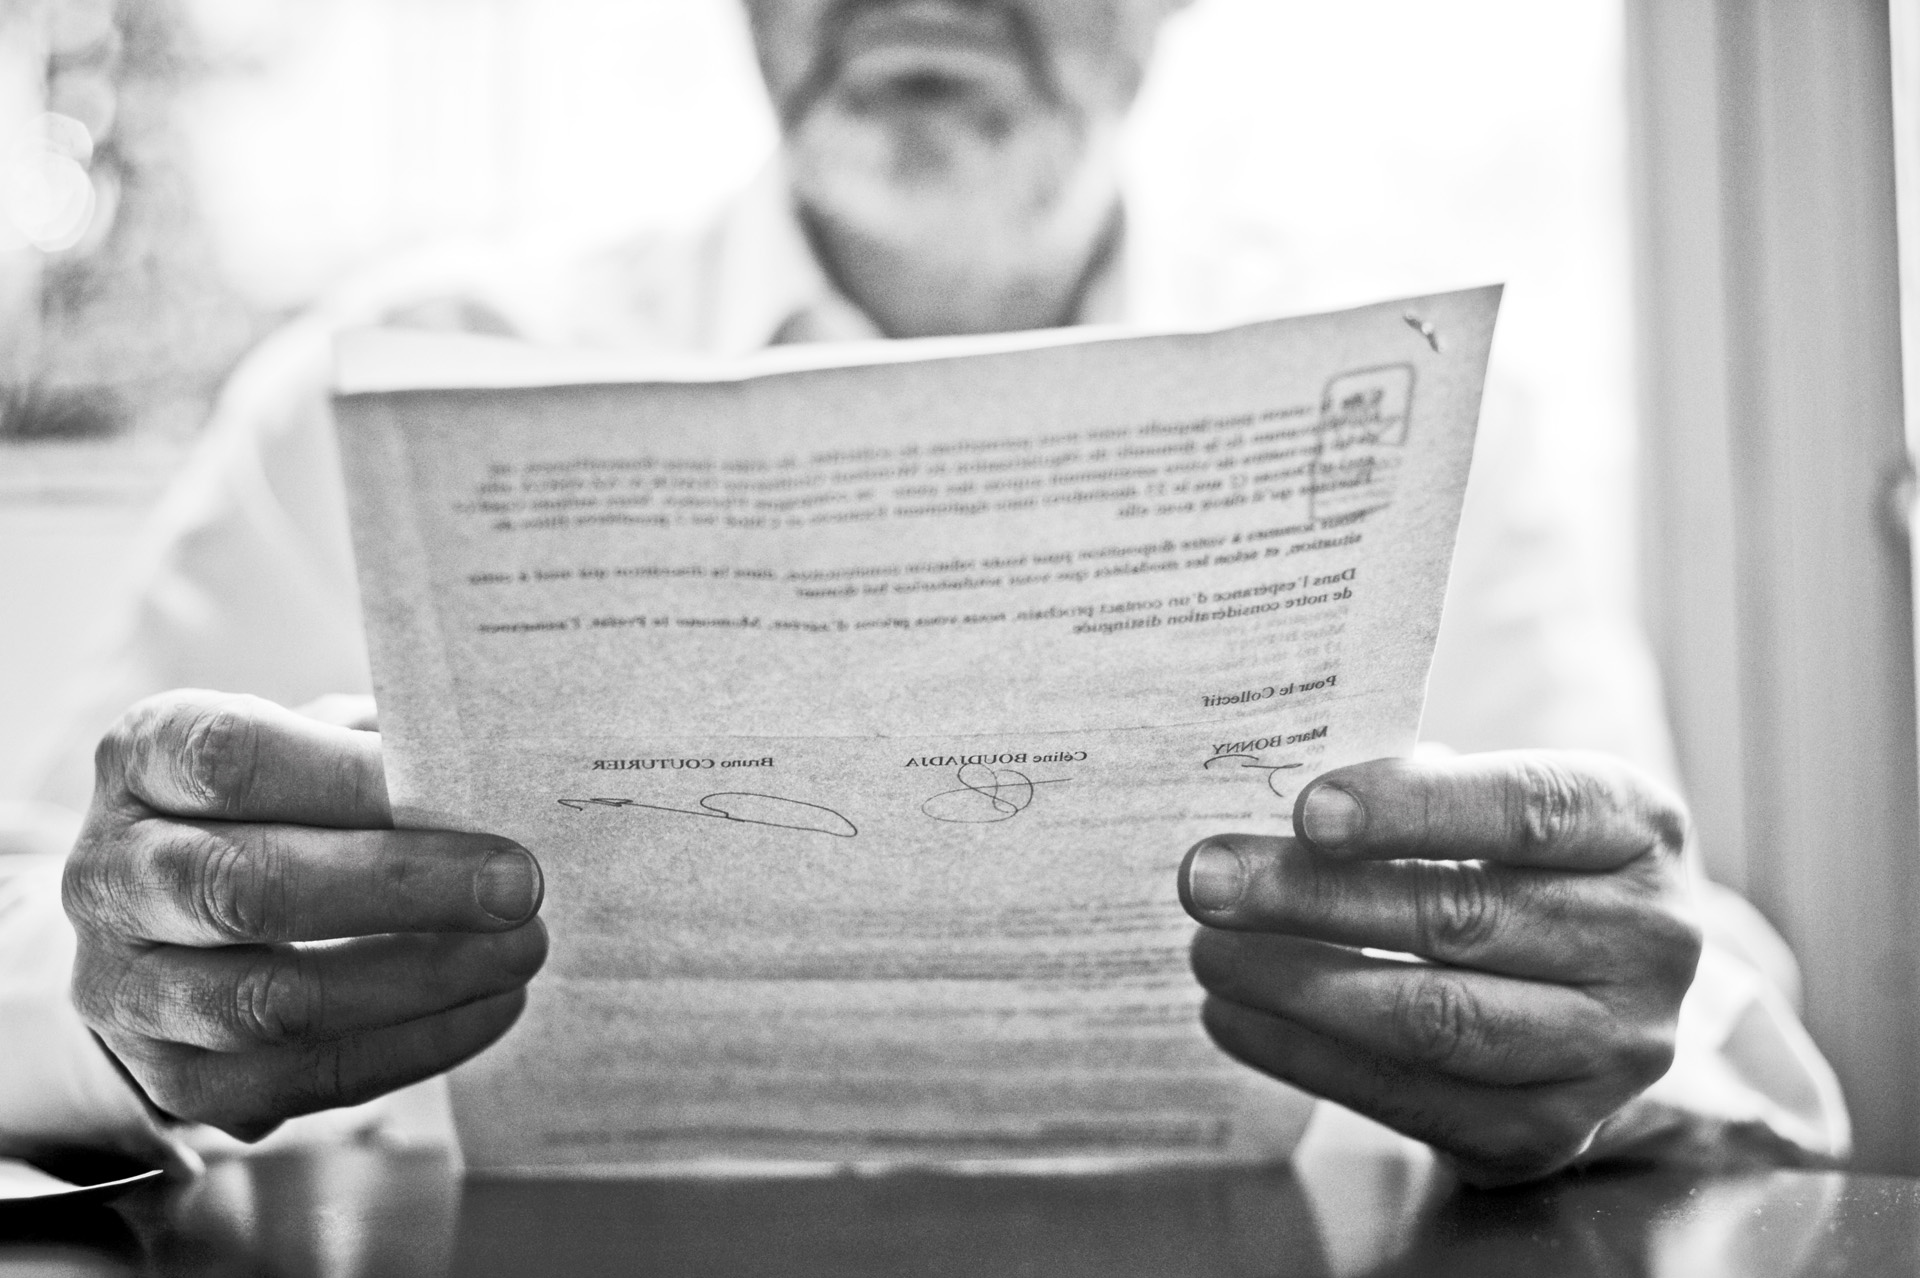 RESF GUILHERME REMISE DES LETTRES DE NOEL A LA PREFECTURE PAR MARC ET CELINE DU COLLECTIF DE SOUTIENPLUS DE 3000 LETTRES REMISES POUR DEMANDER UNE FOIS ENCORE LA REGULARISATION DE GUILHERME.LYON LE 23 DECEMBRE 2010(C) B. GAUDILLERE / ITEM TOUS DROITS RESERVES